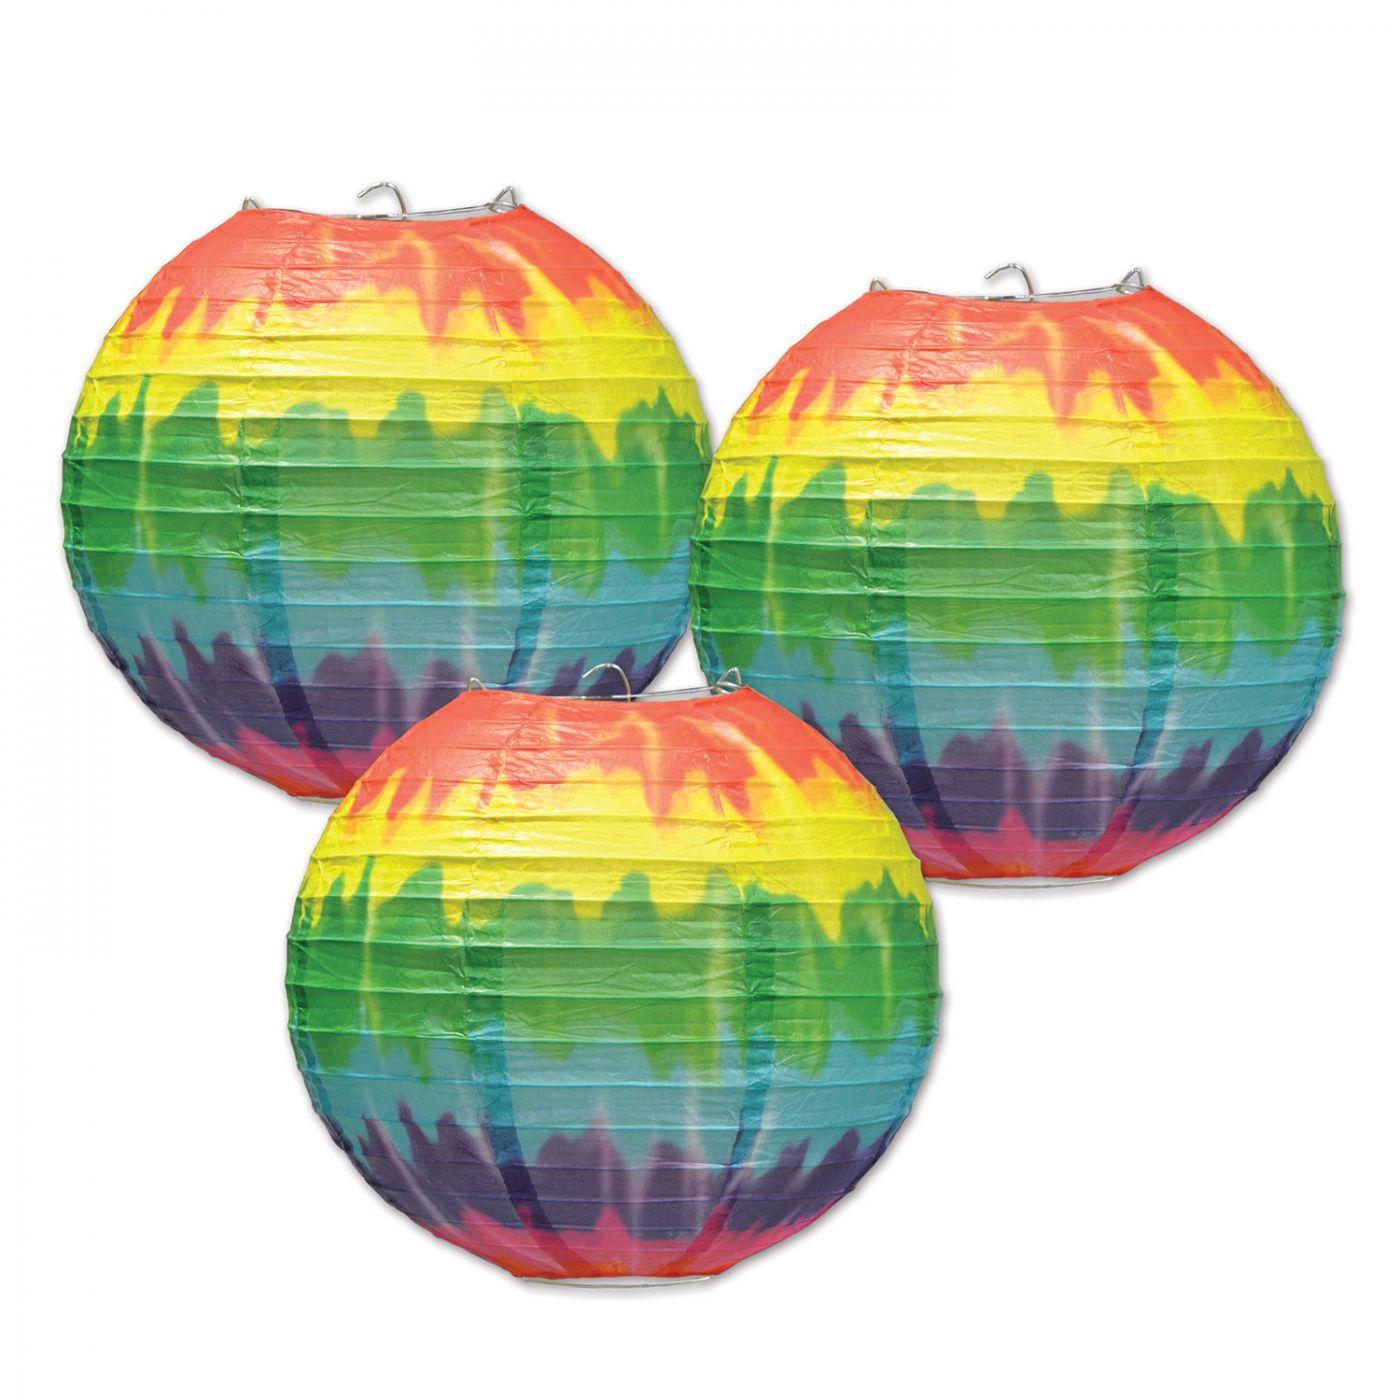 Tie-Dyed Paper Lanterns (6) image